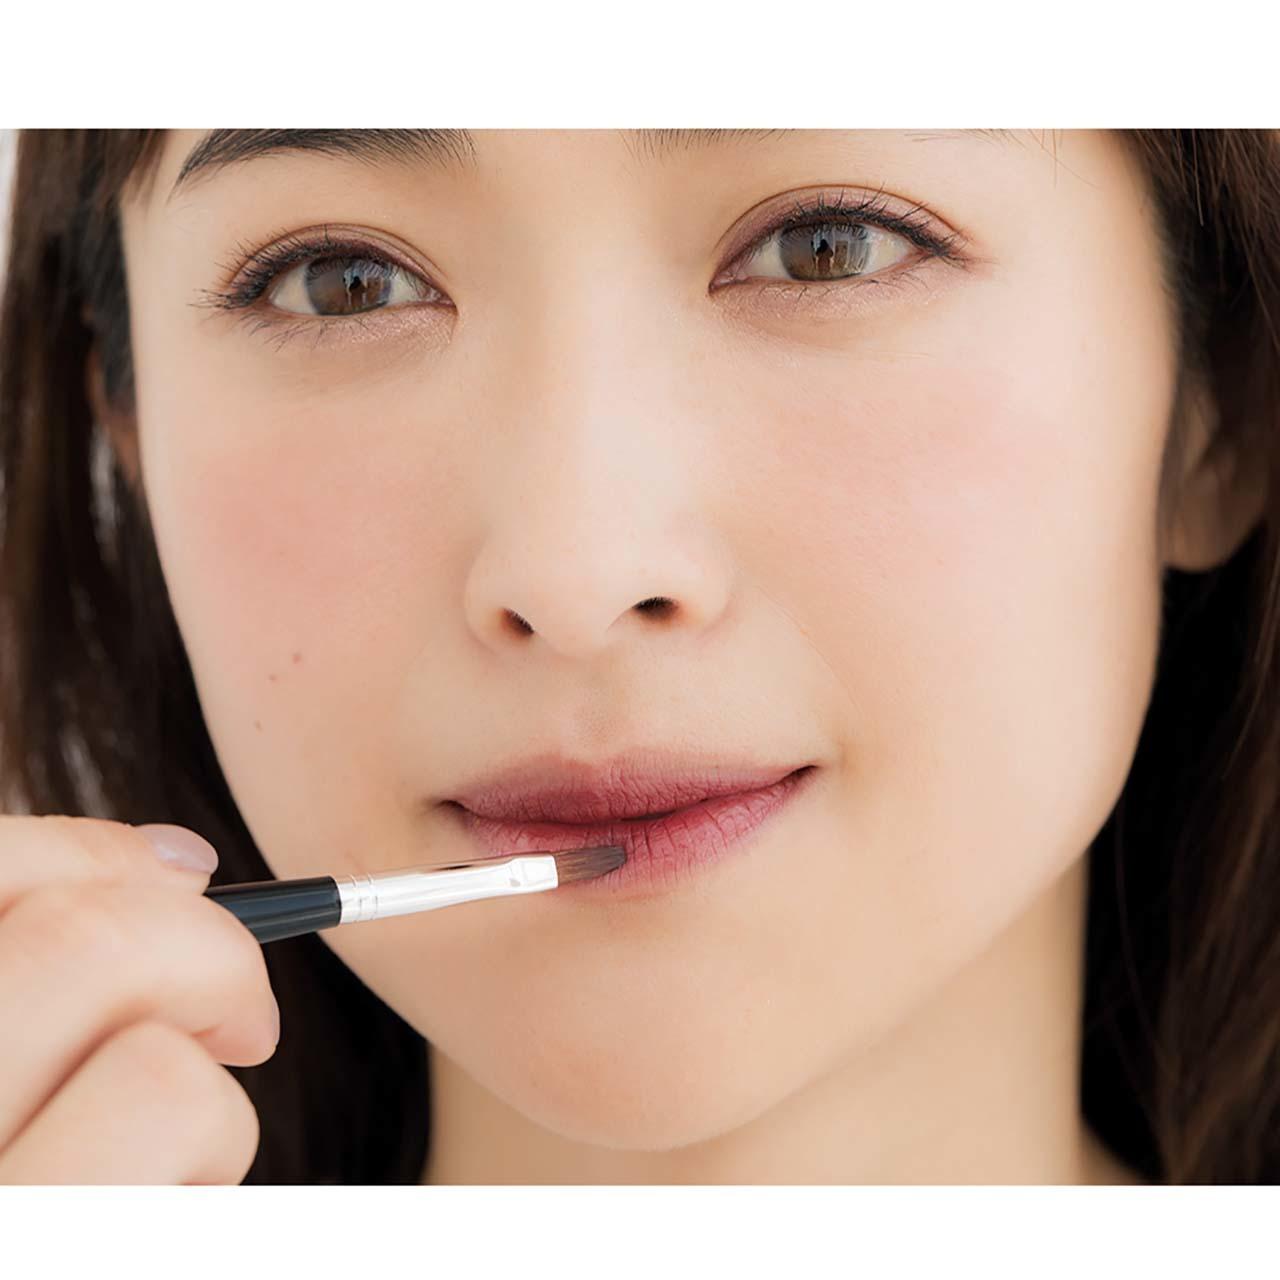 リップブラシにとり、唇の「中央内側」から外側へと塗り広げる